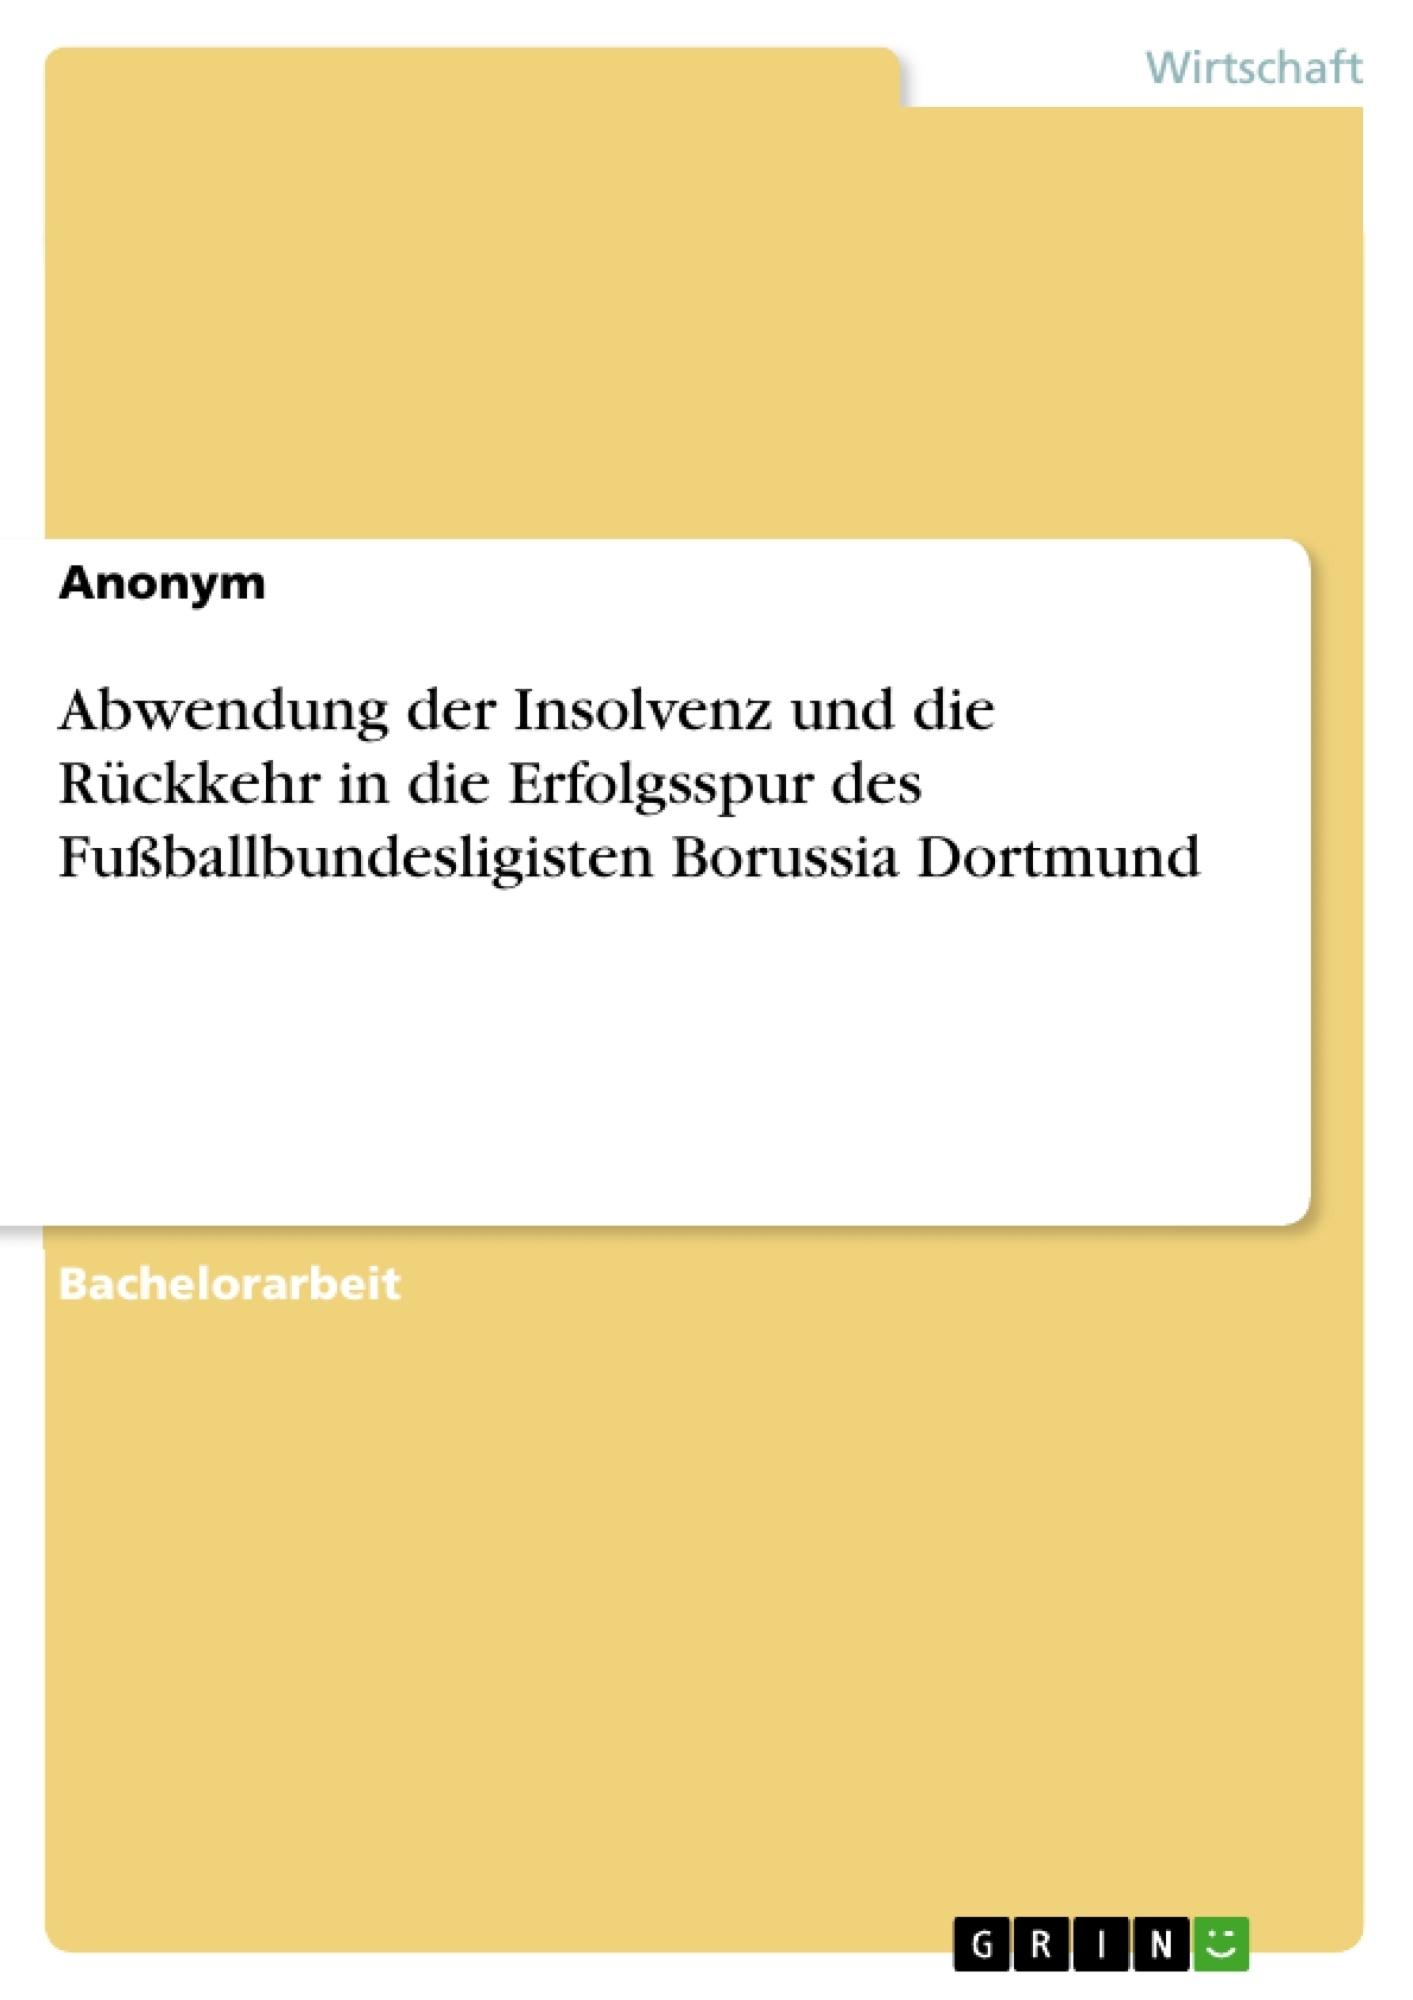 Titel: Abwendung der Insolvenz und die Rückkehr in die Erfolgsspur des Fußballbundesligisten Borussia Dortmund